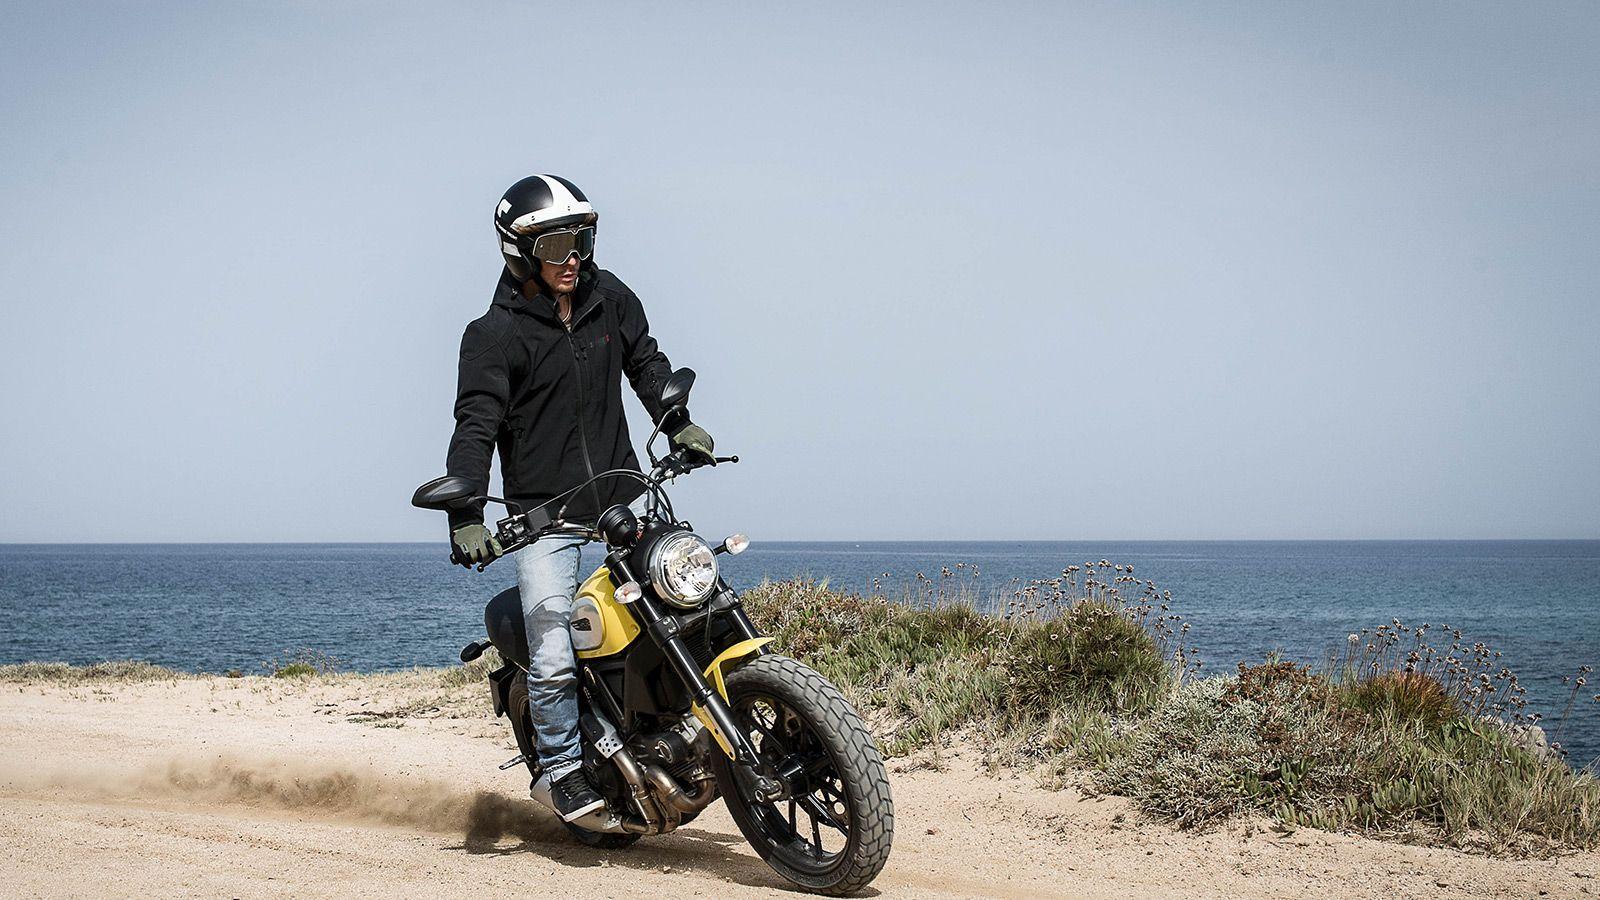 Ducati-Scrambler-GP100-Gear-Patrol-HERO